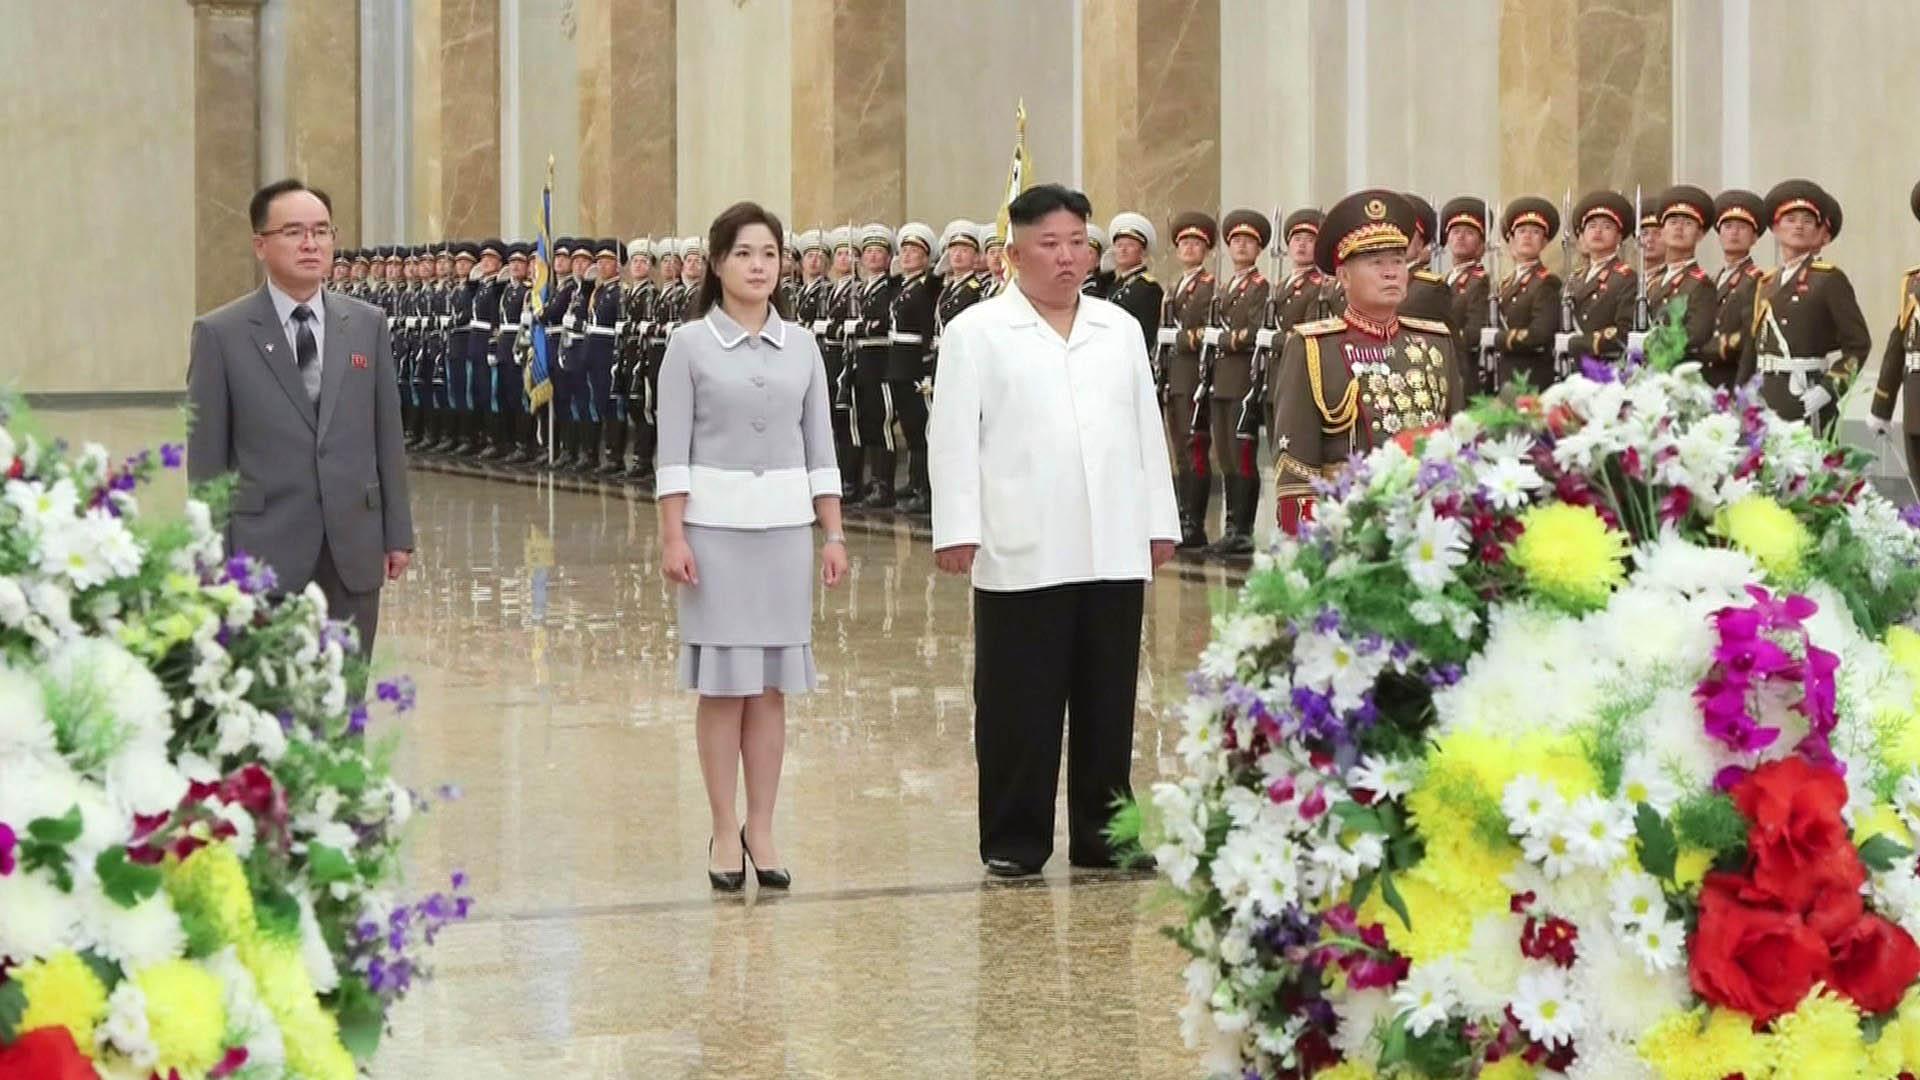 김정은, 김일성 생일에 금수산 참배…'측근 정치' 과시